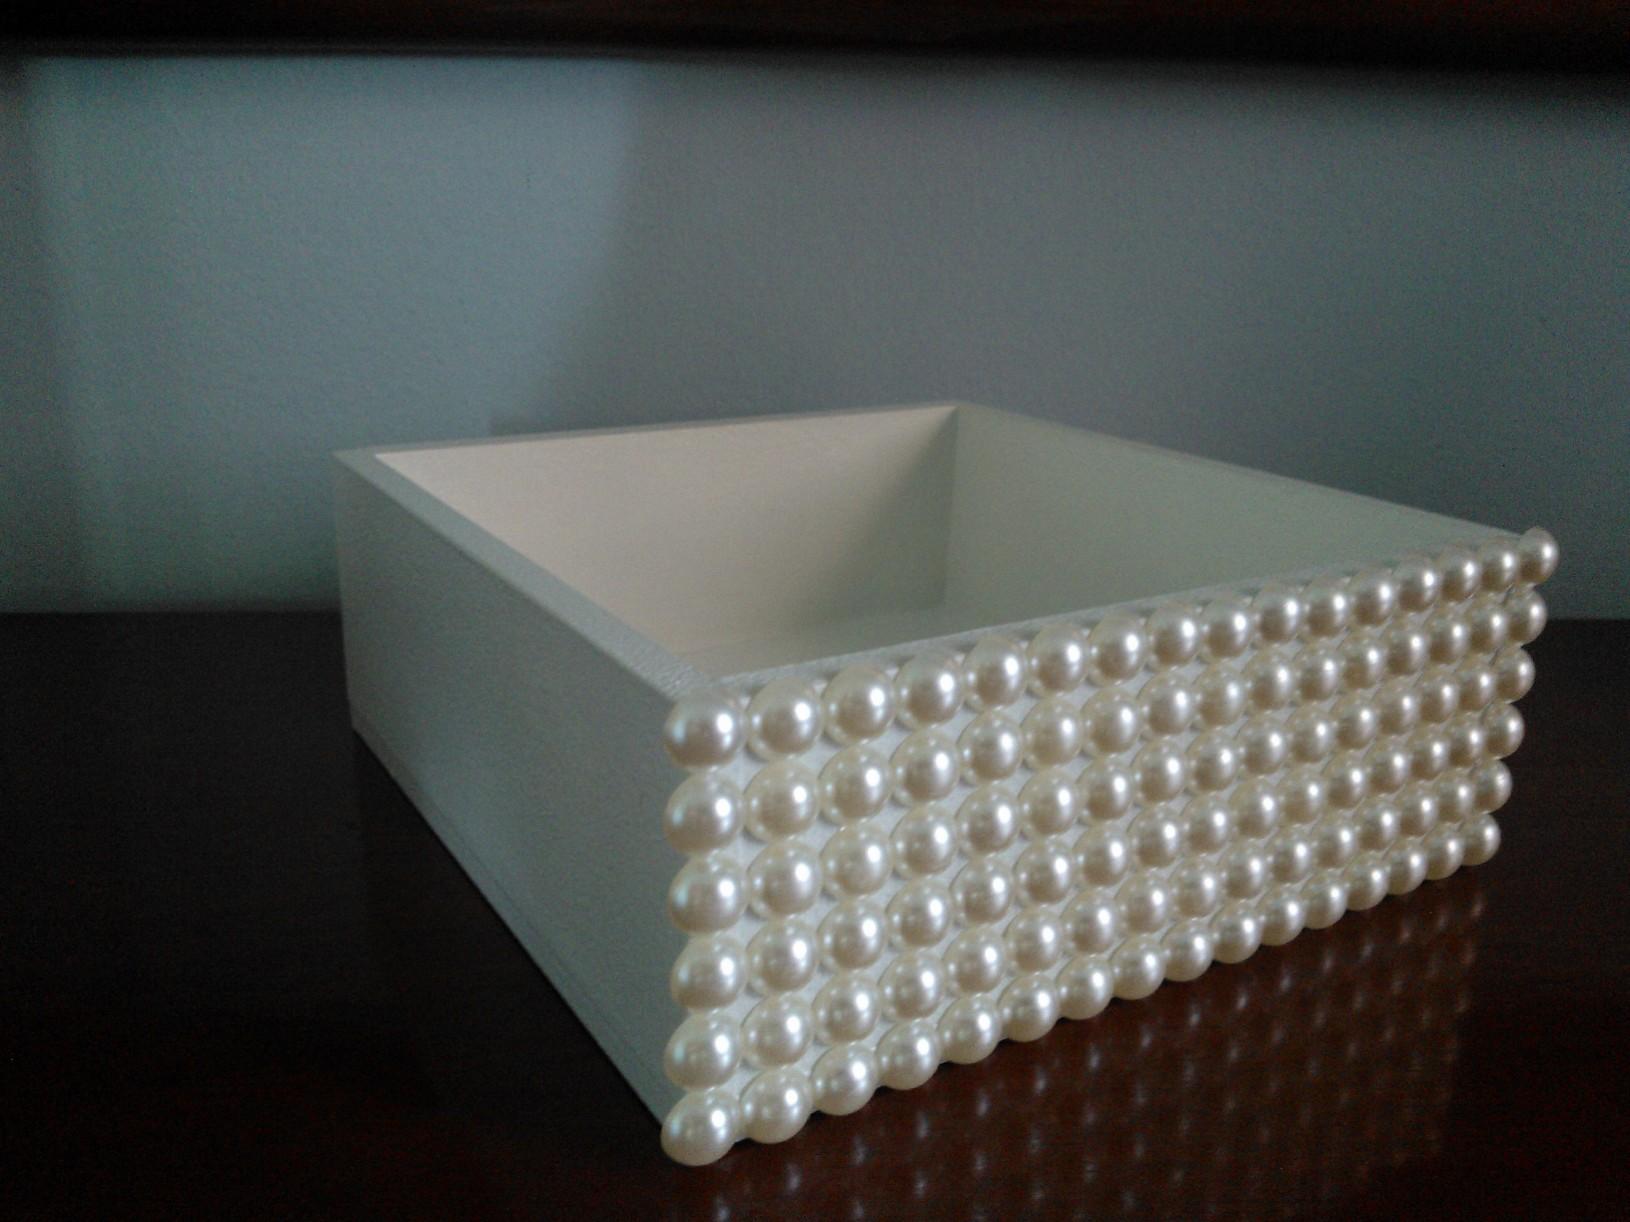 caixa mdf decorada com perolas caixa mdf #5E4E38 1630x1222